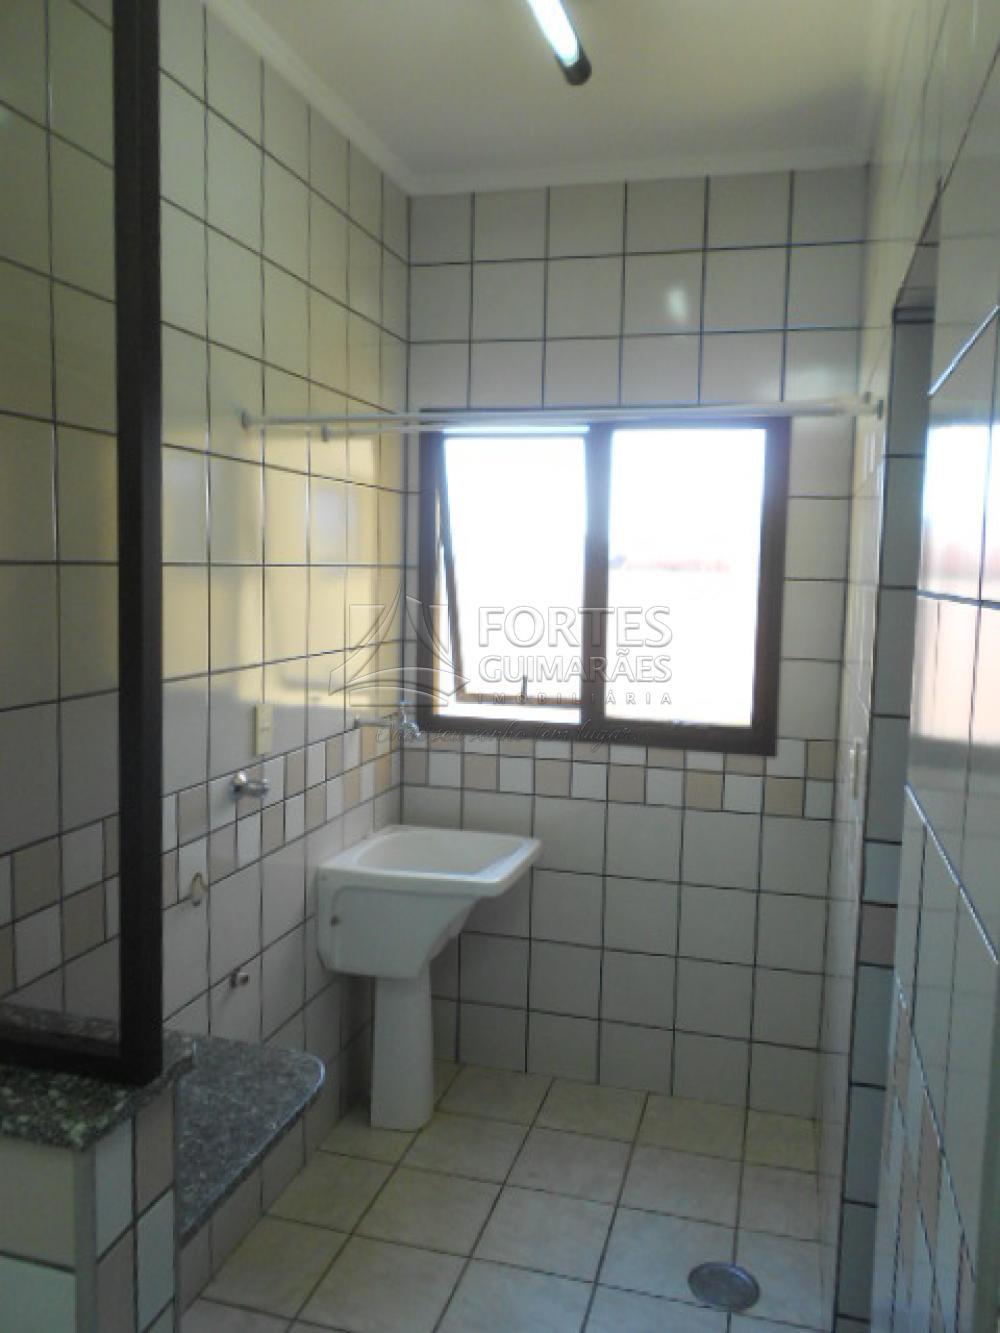 Alugar Apartamentos / Padrão em Ribeirão Preto apenas R$ 1.100,00 - Foto 32